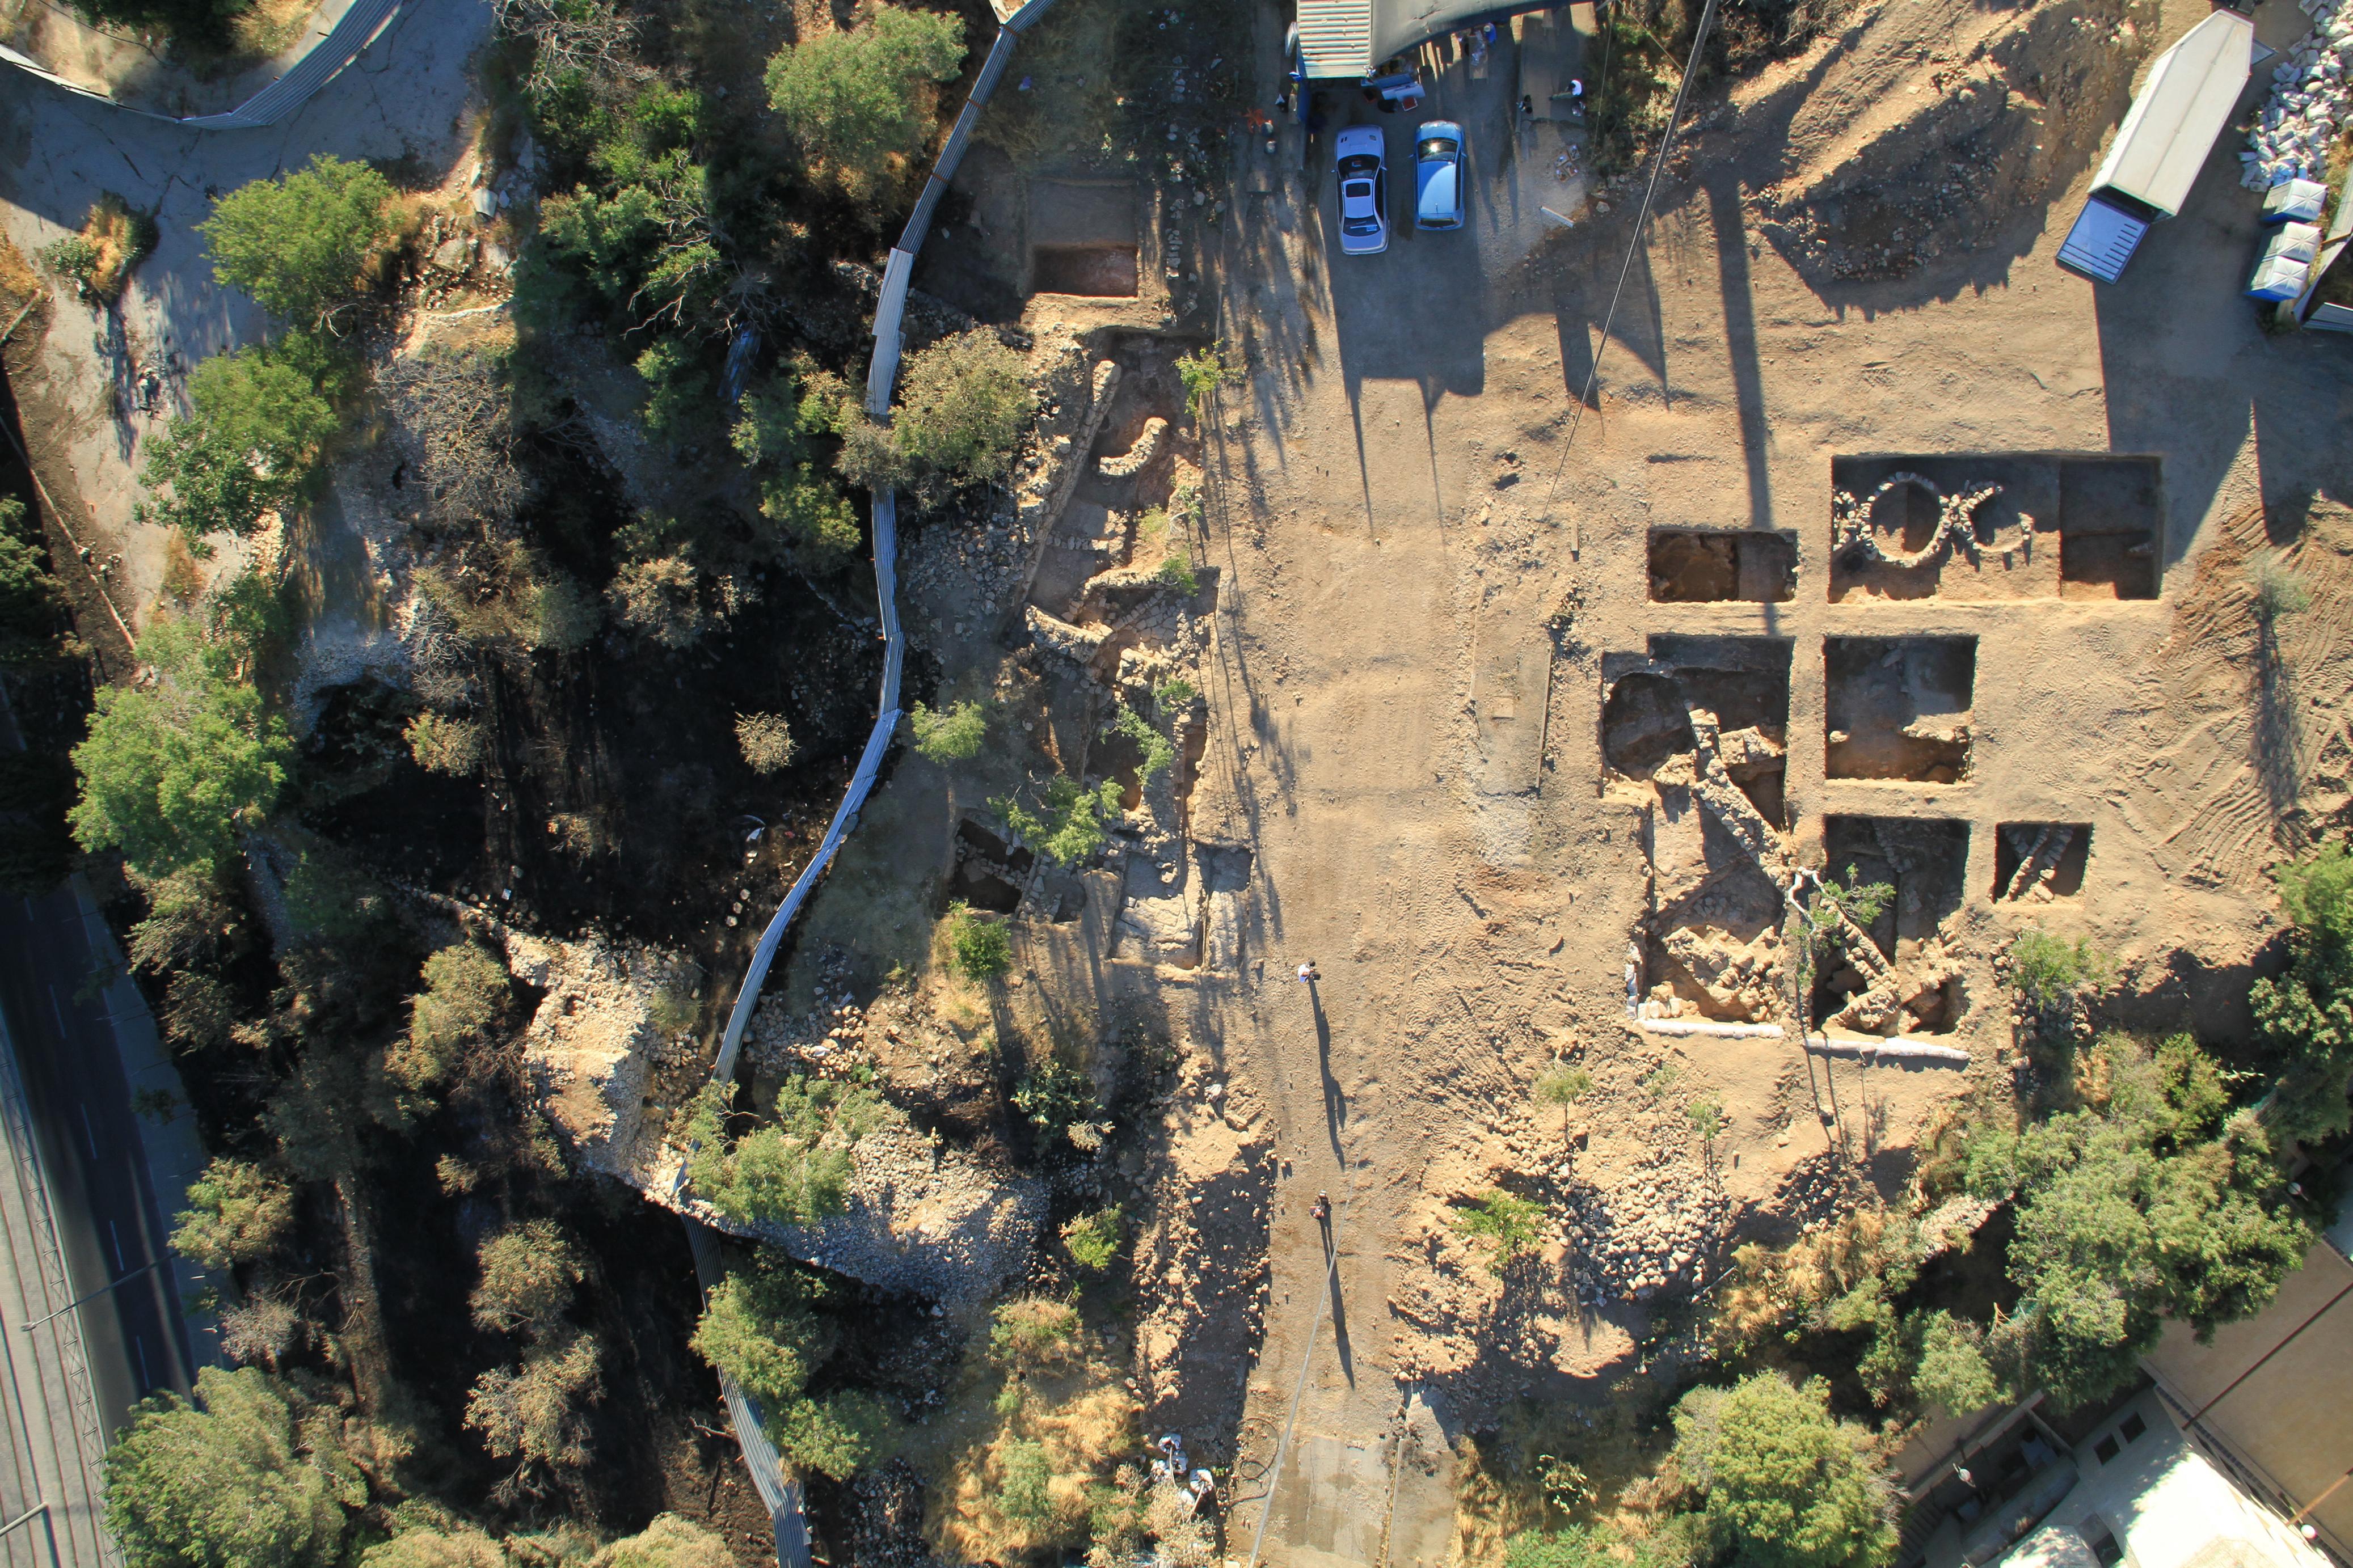 מבט מגובה על שטח חפירות ההצלה בבית וגן ירושלים - צילום: חברת Skyview, באדיבות רשות העתיקות